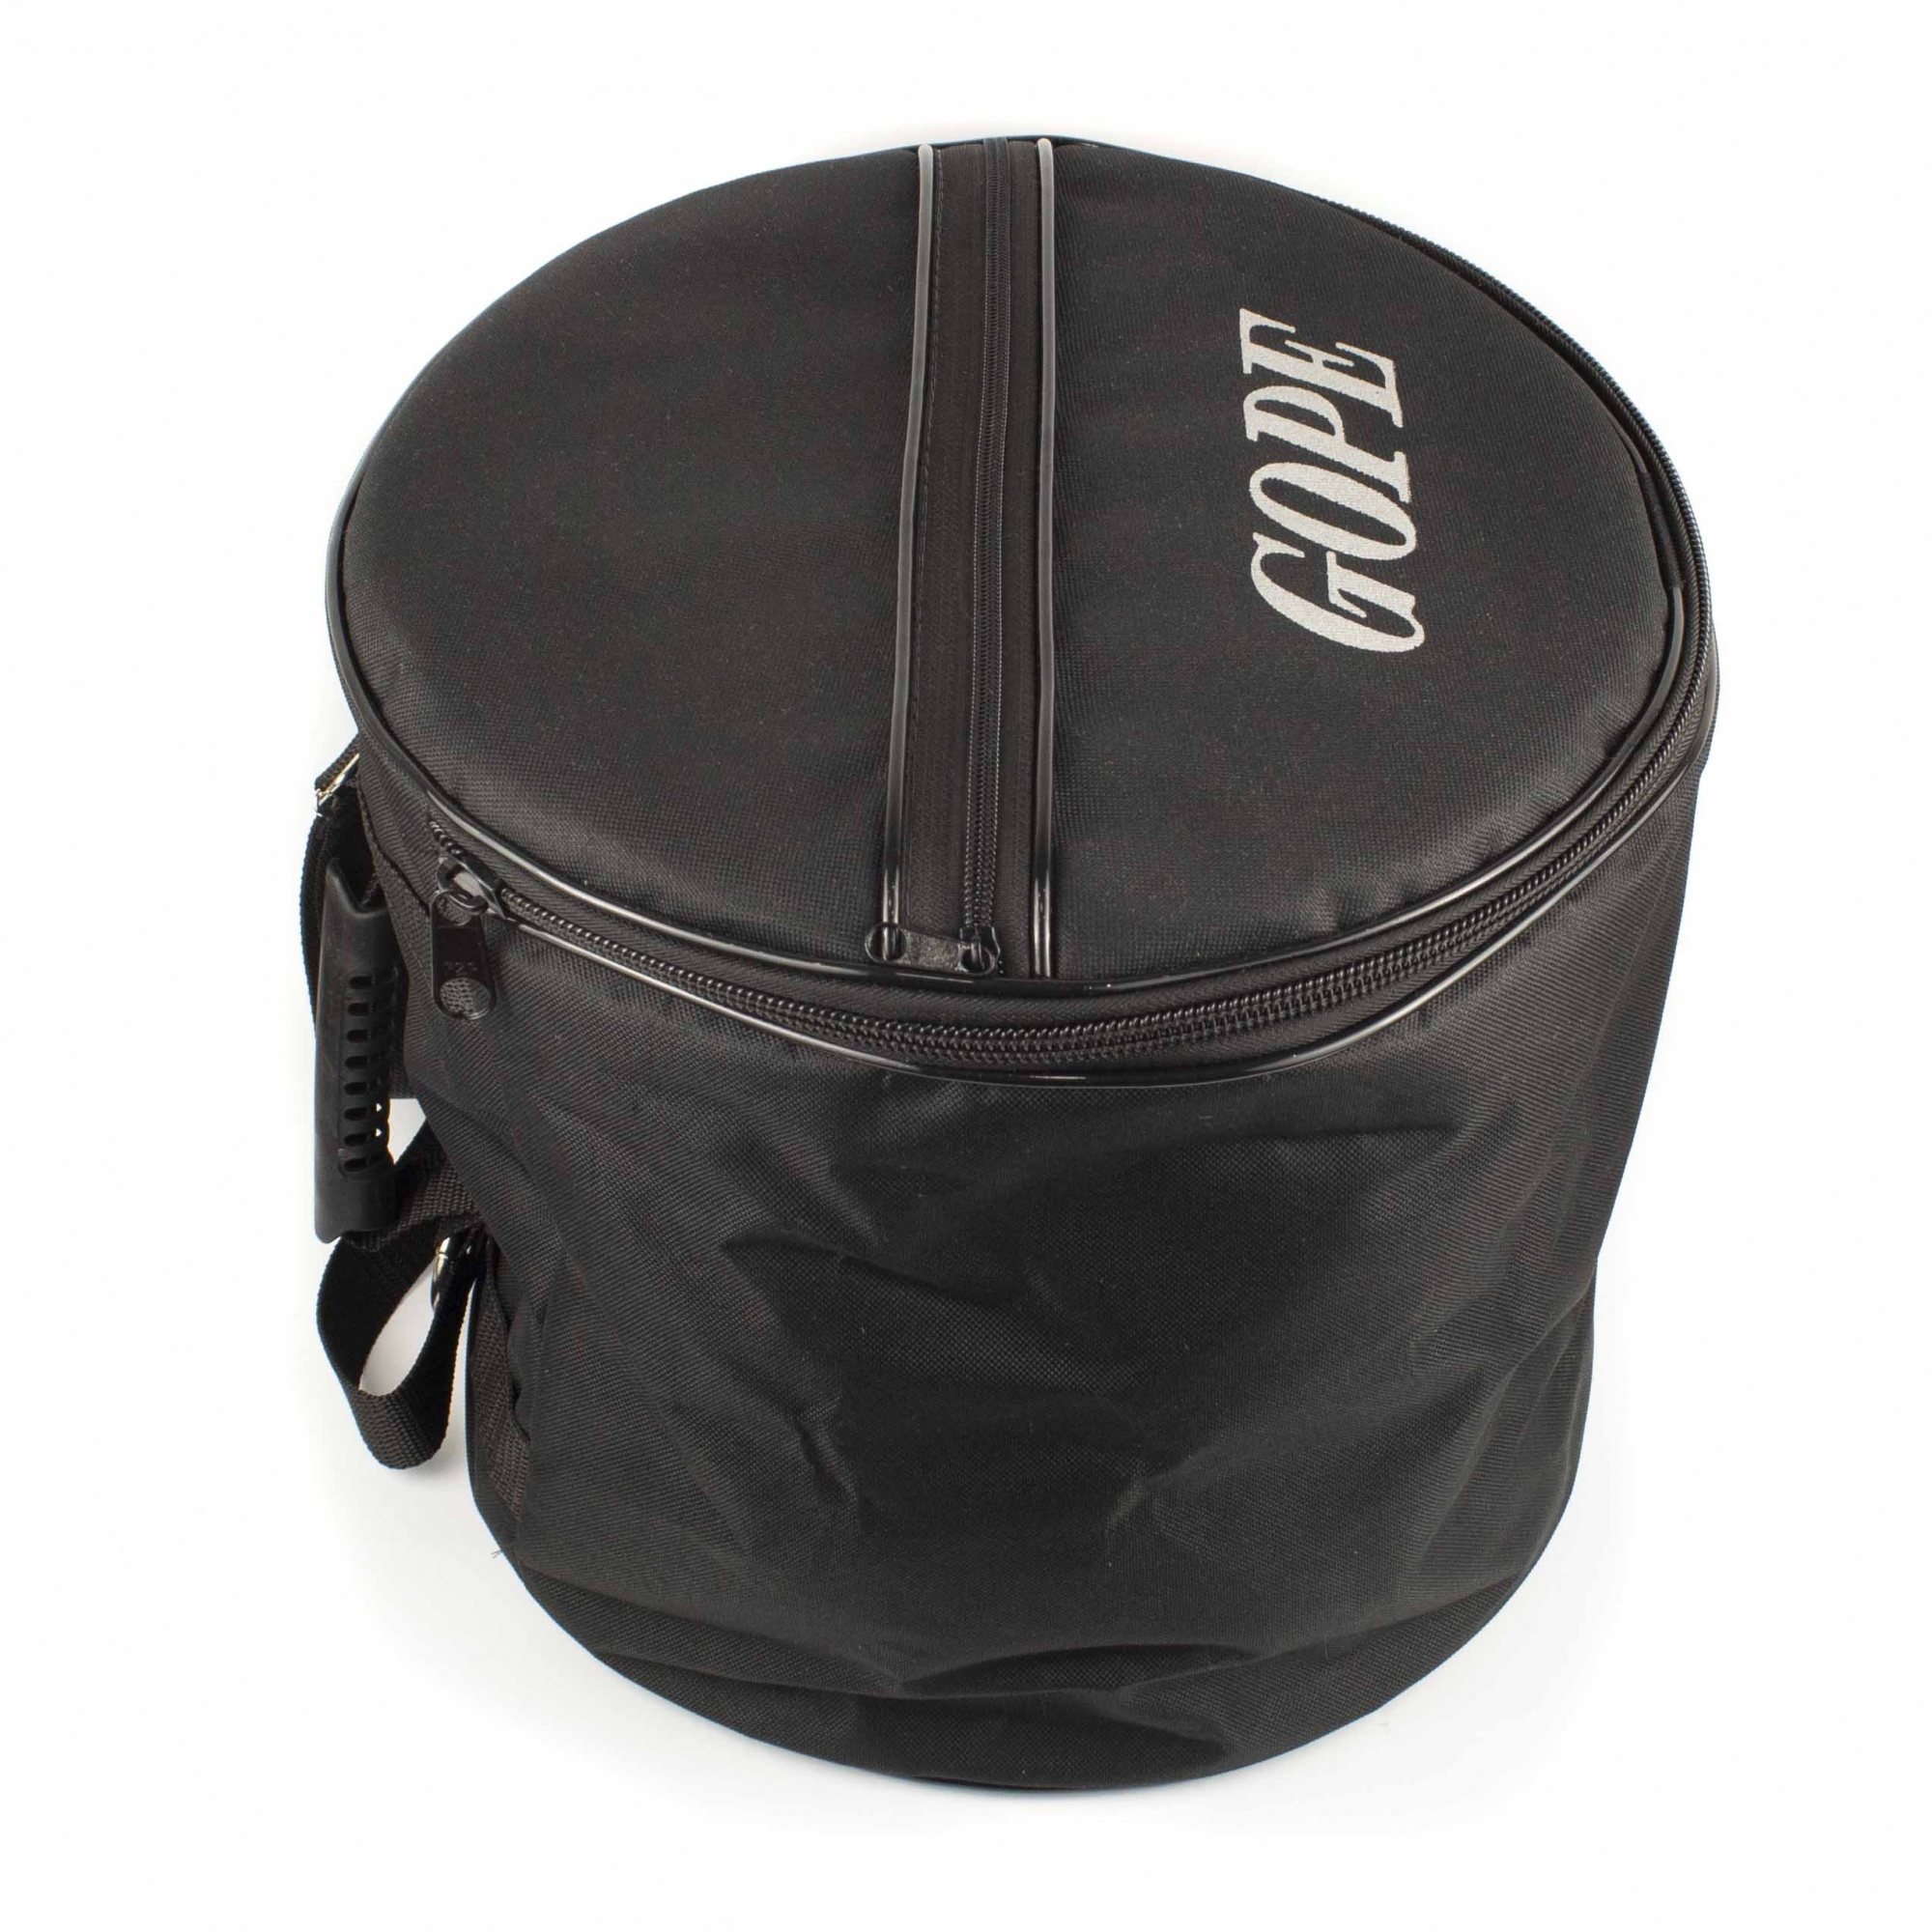 CAPA BAG GOPE PARA CUICA 10 POL 30 cm